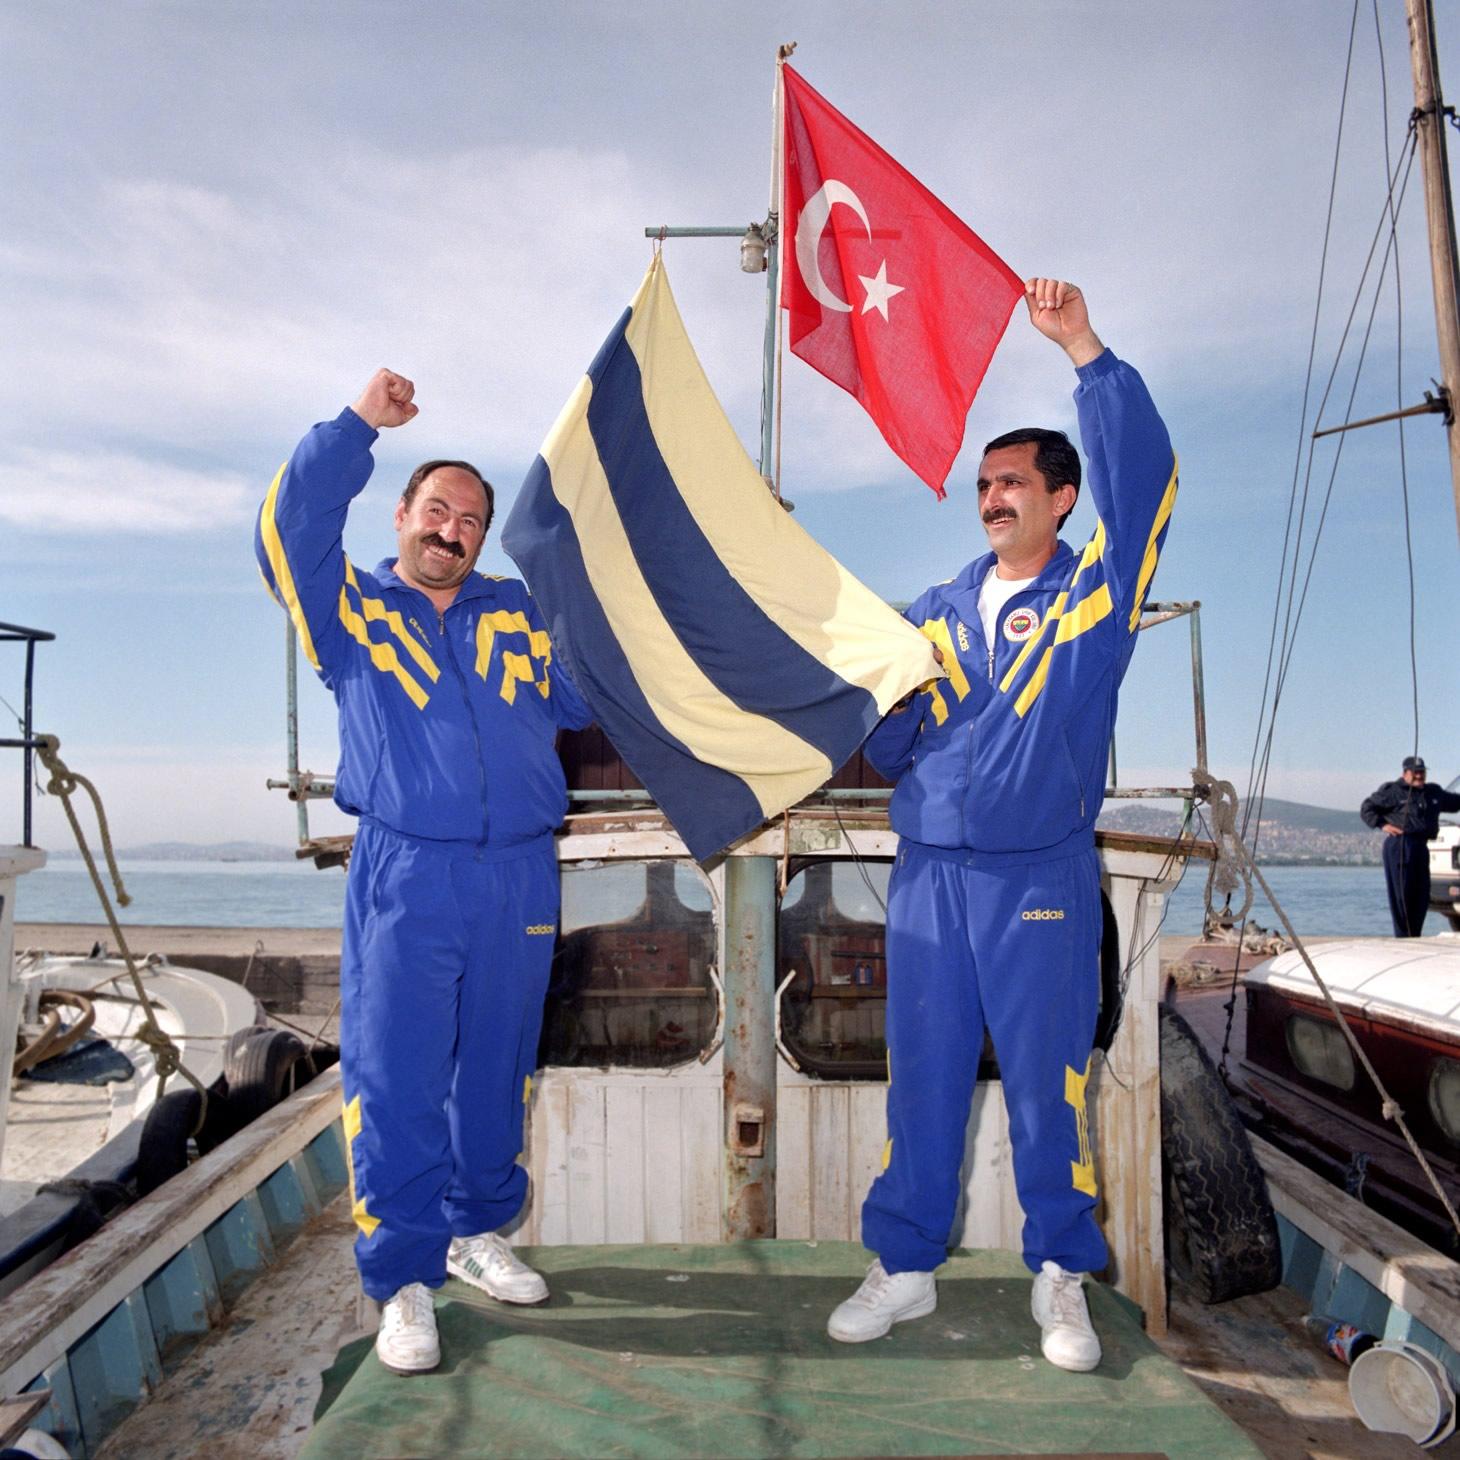 Fenerbahçe S.K. Turkish Süper Lig Champions 1996 F20